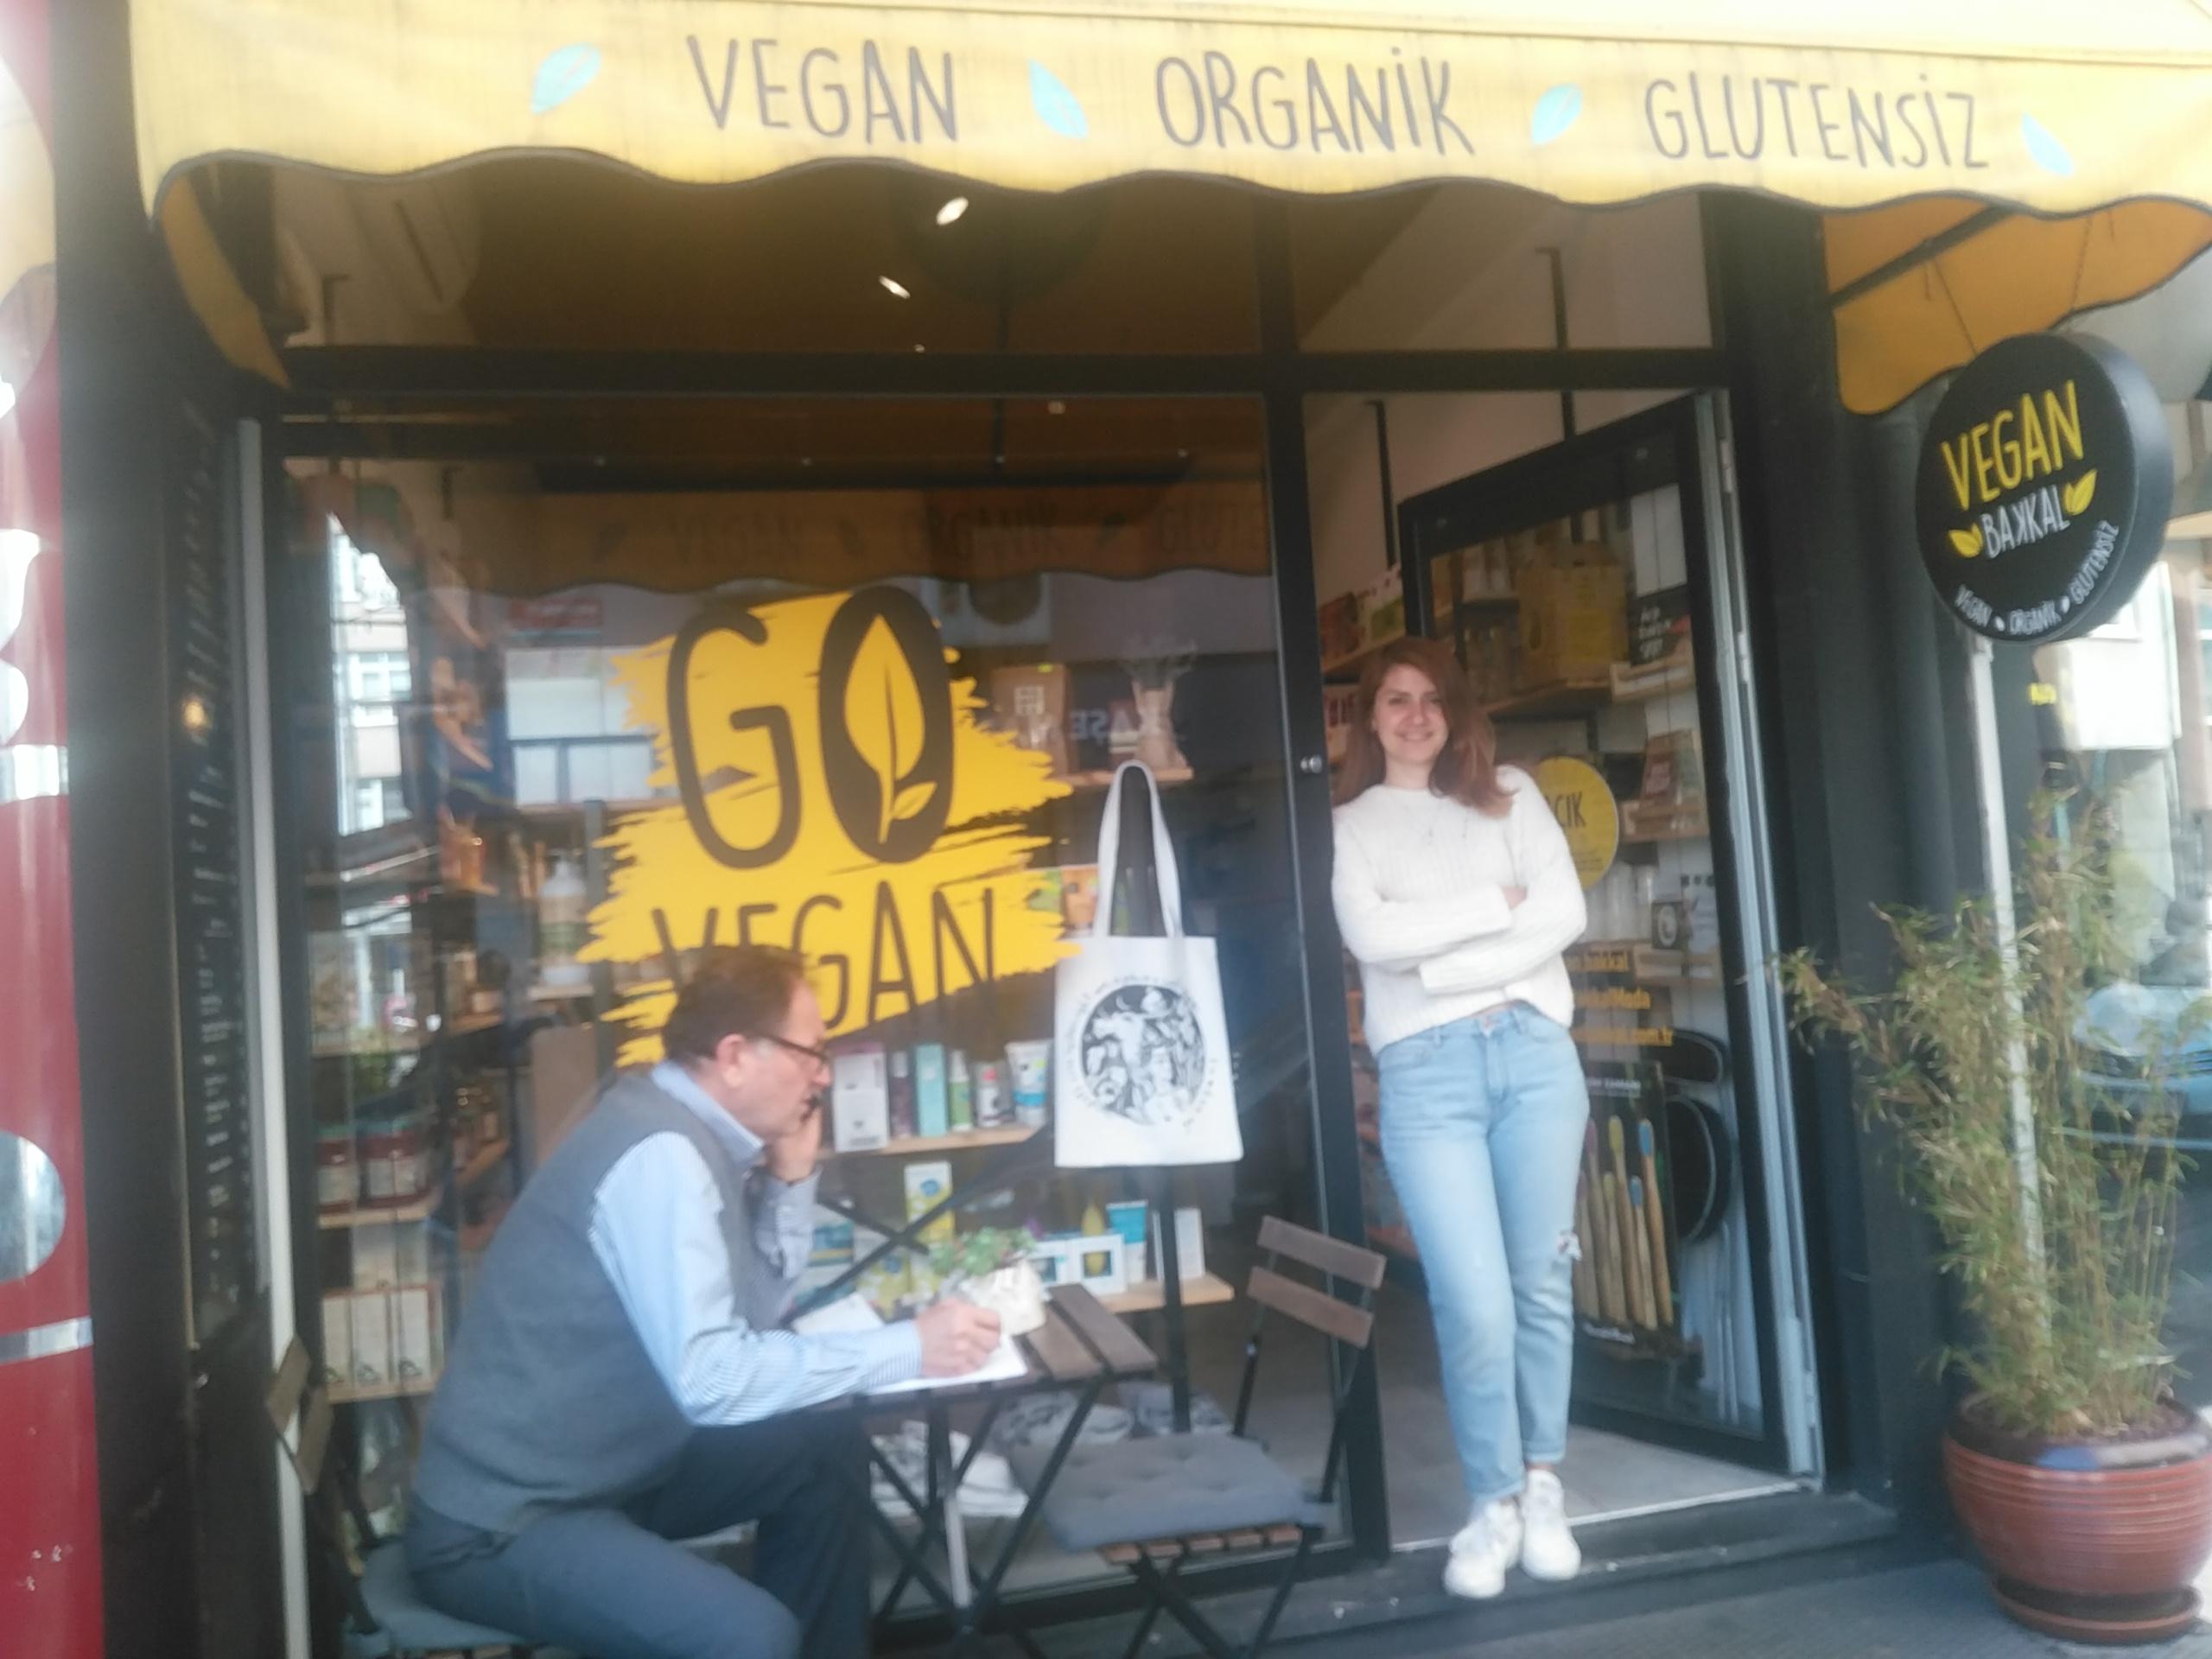 Vegan , Moda'da hayvan sömürüsüne karşı politik bir duruş